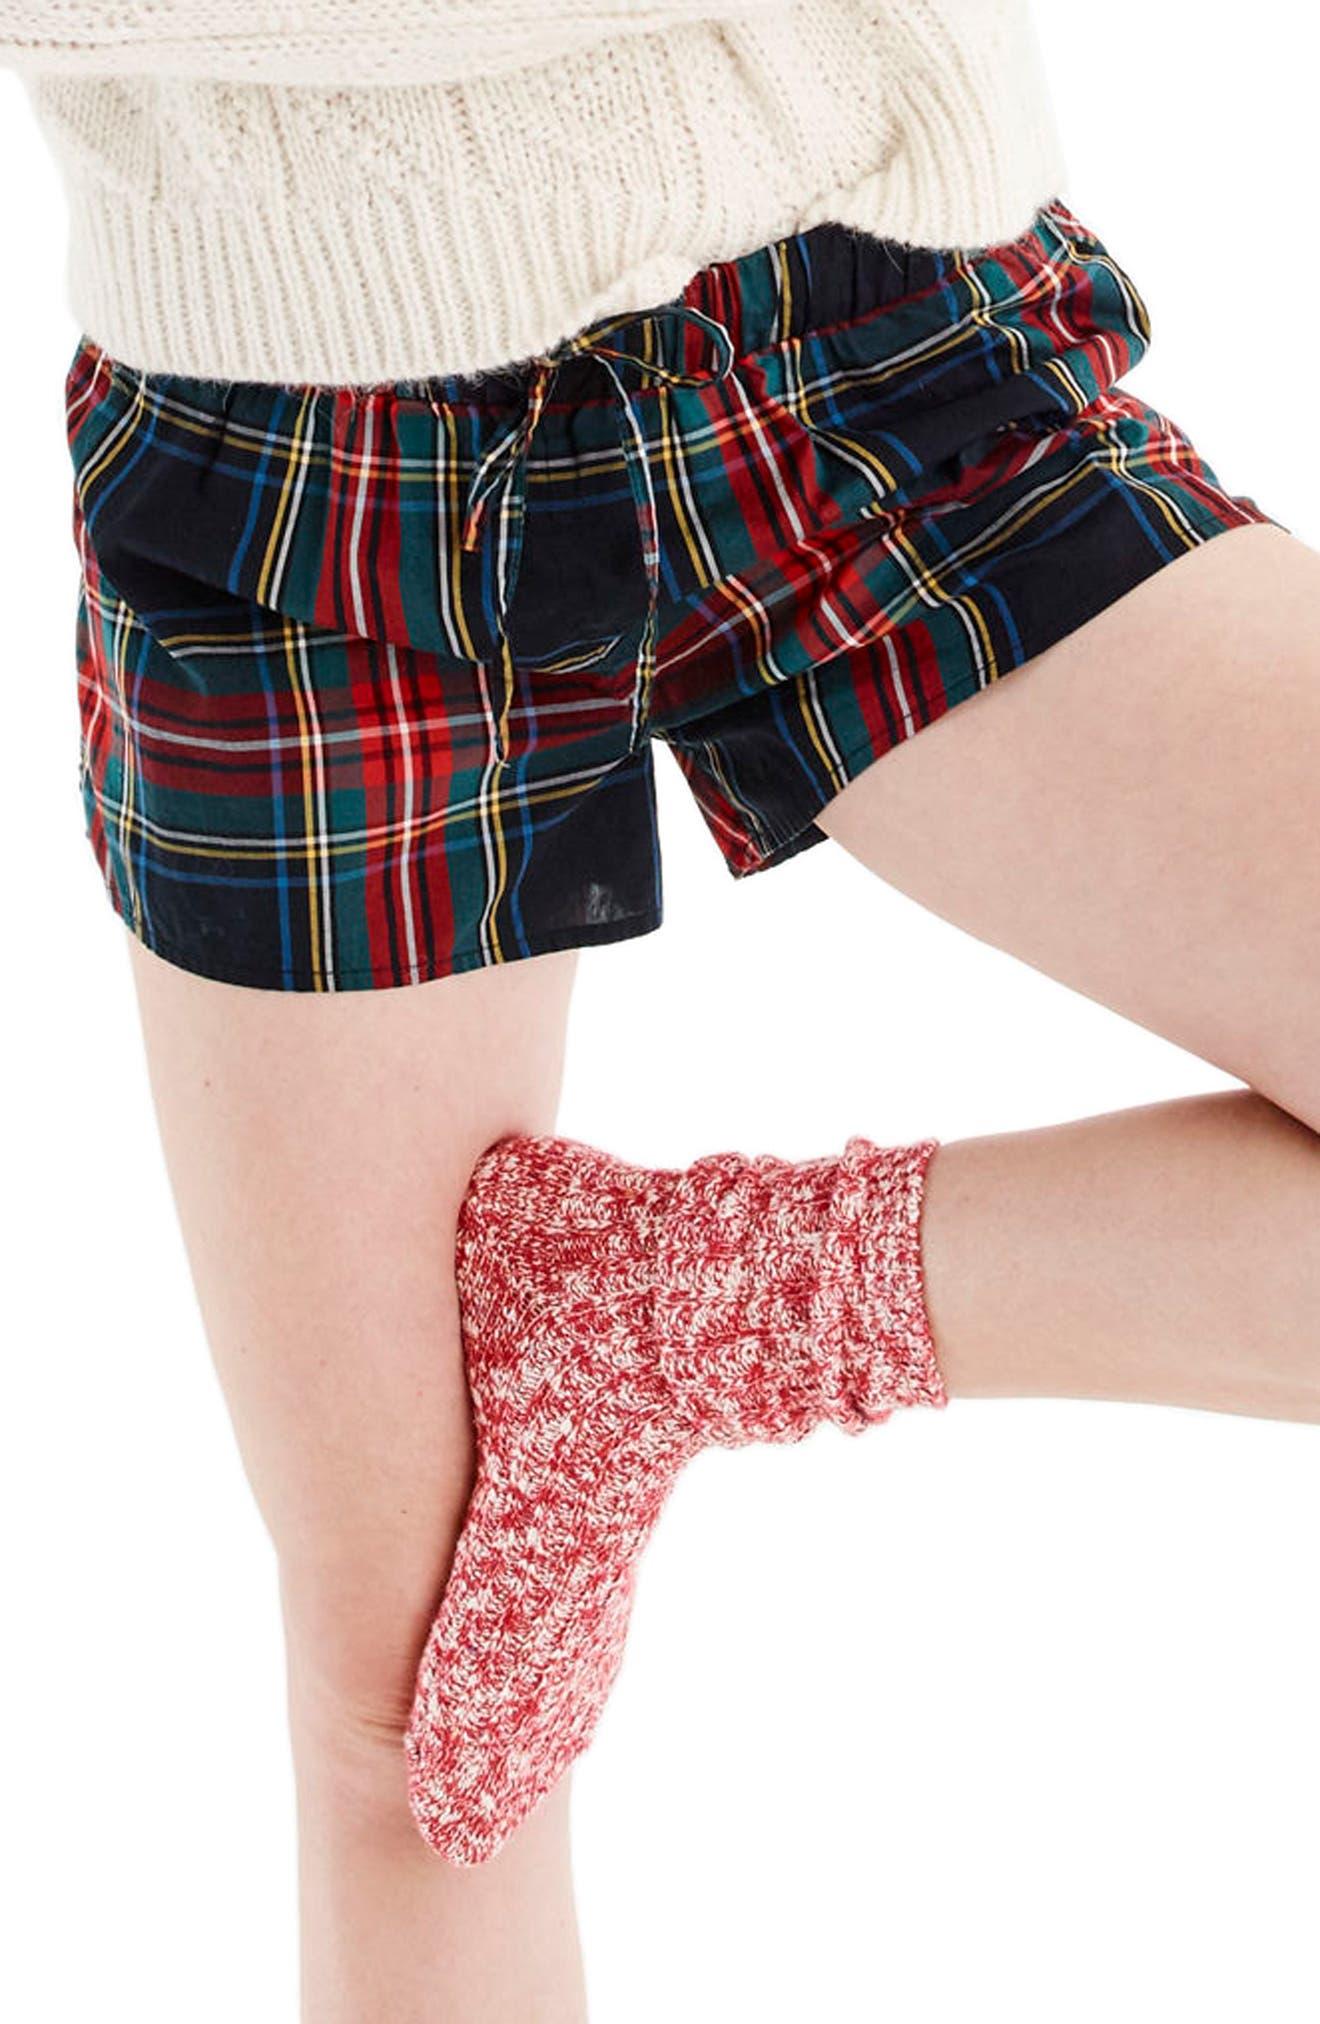 Main Image - J.Crew Tartan Plaid Pajama Shorts